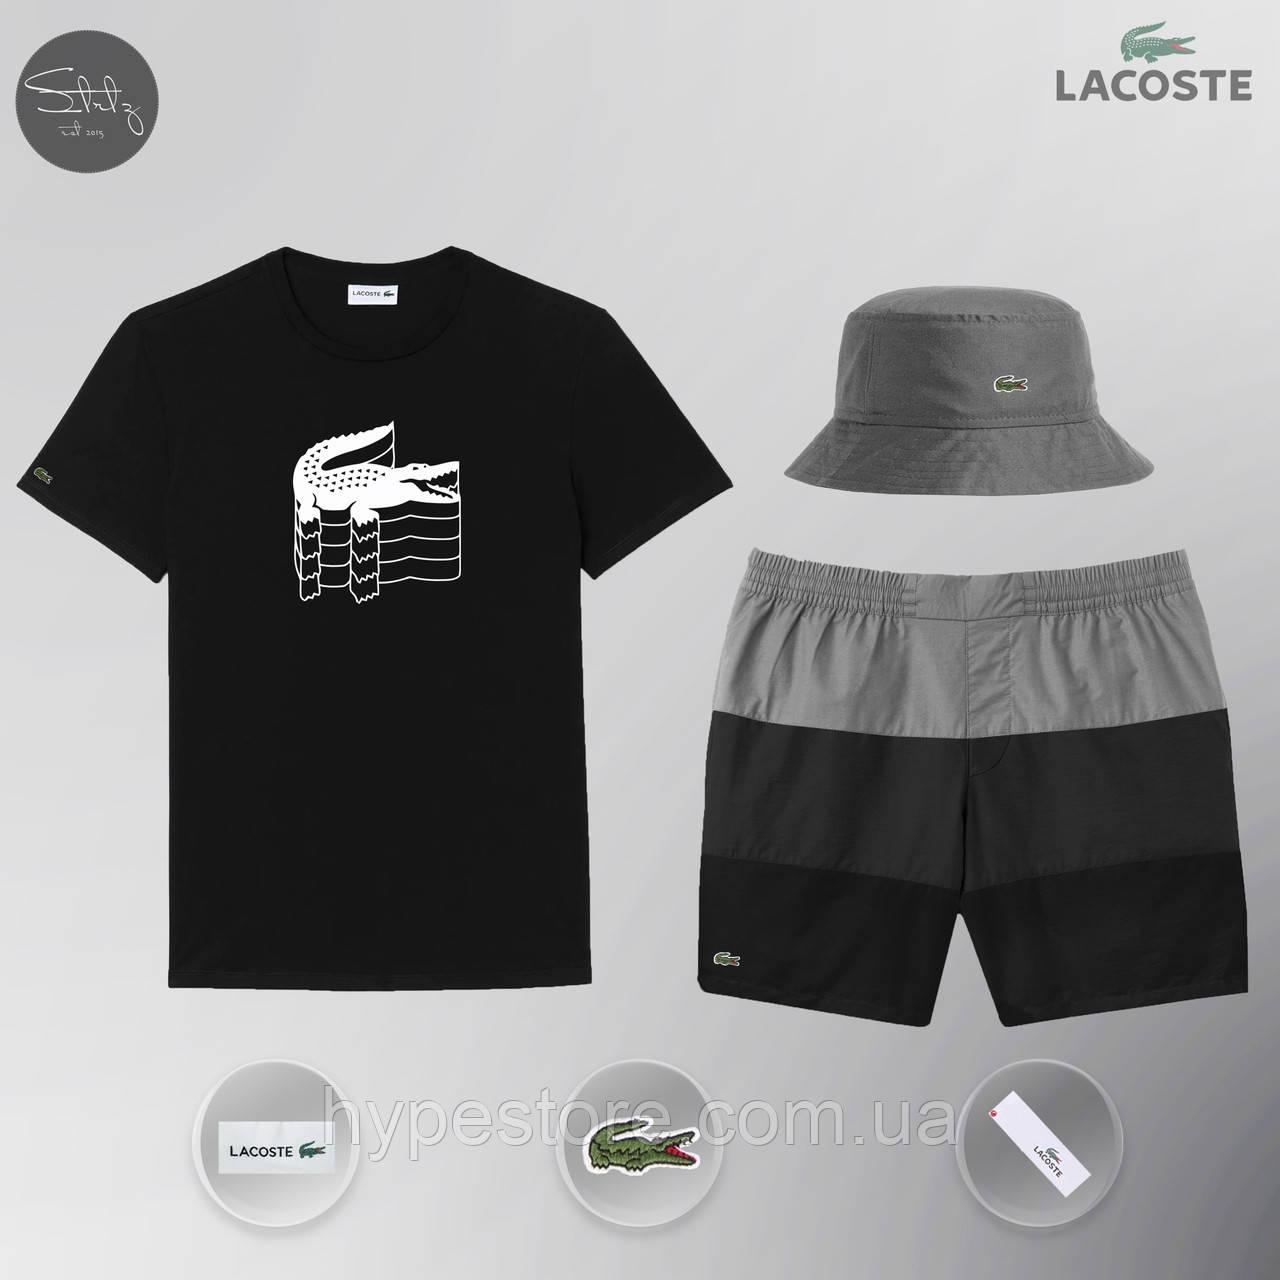 Мужской спортивный костюм лето, пляжный комплект Lacoste Flesh, футболка, панама, ТОП-Реплика (черный)